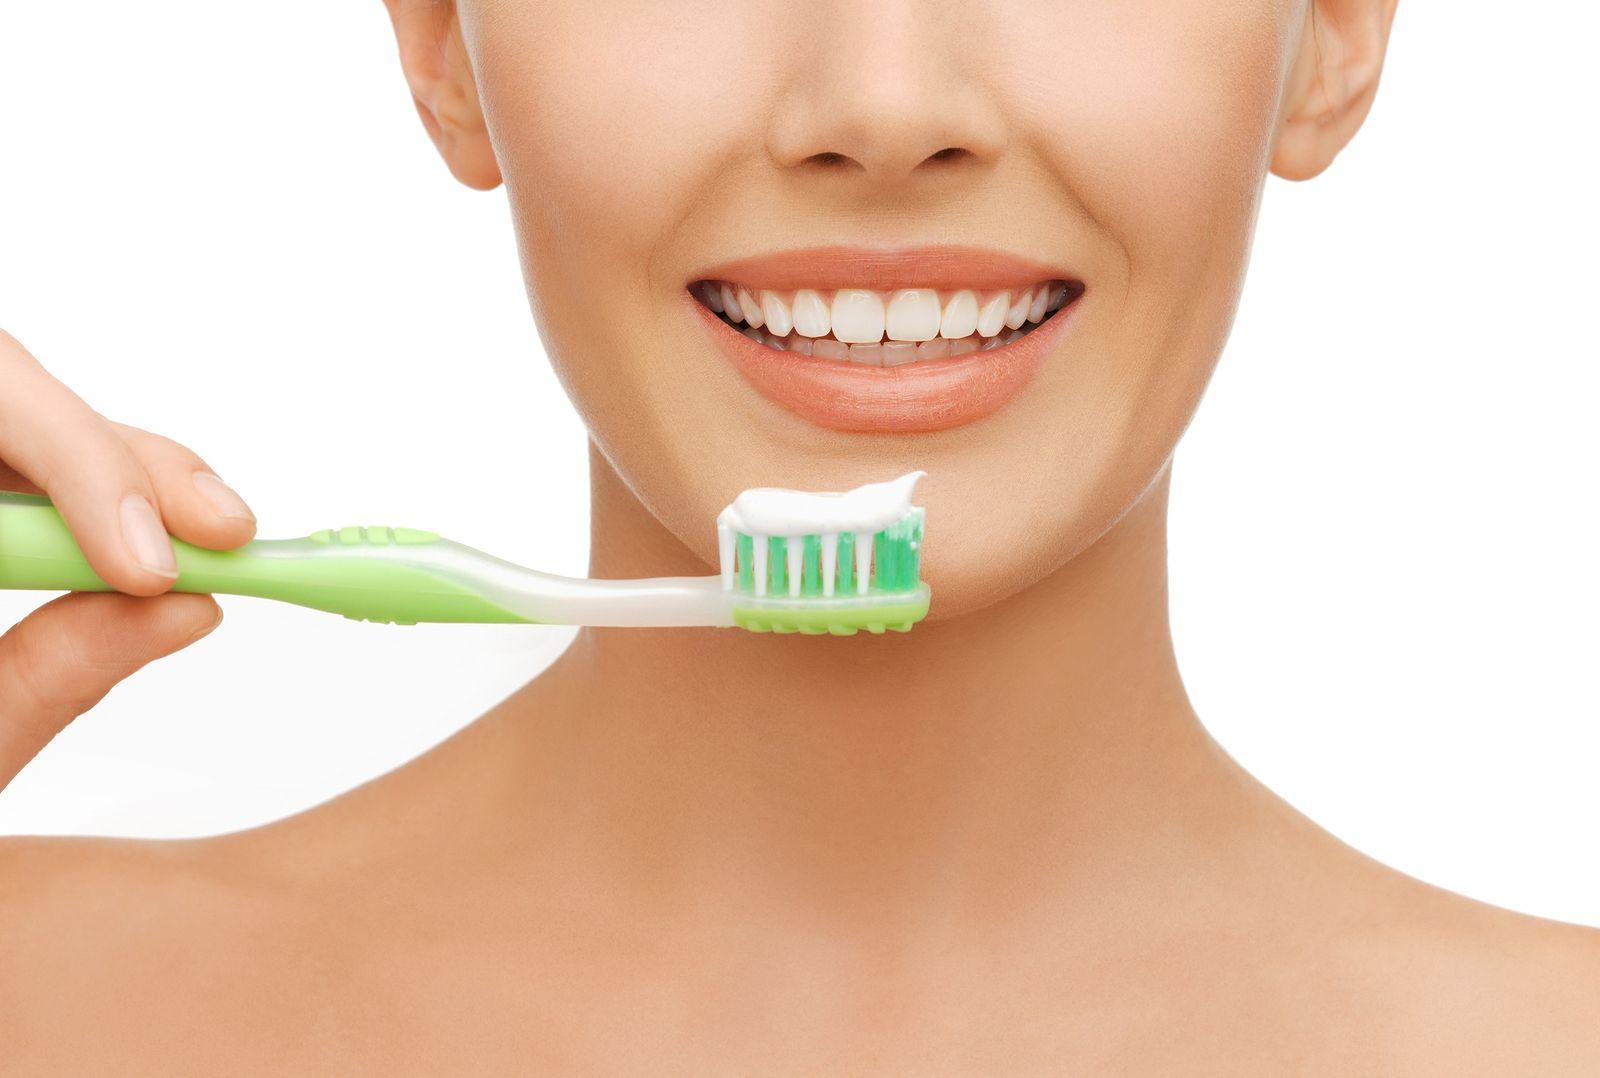 Consejos fundamentales para seguir una higiene bucodental óptima